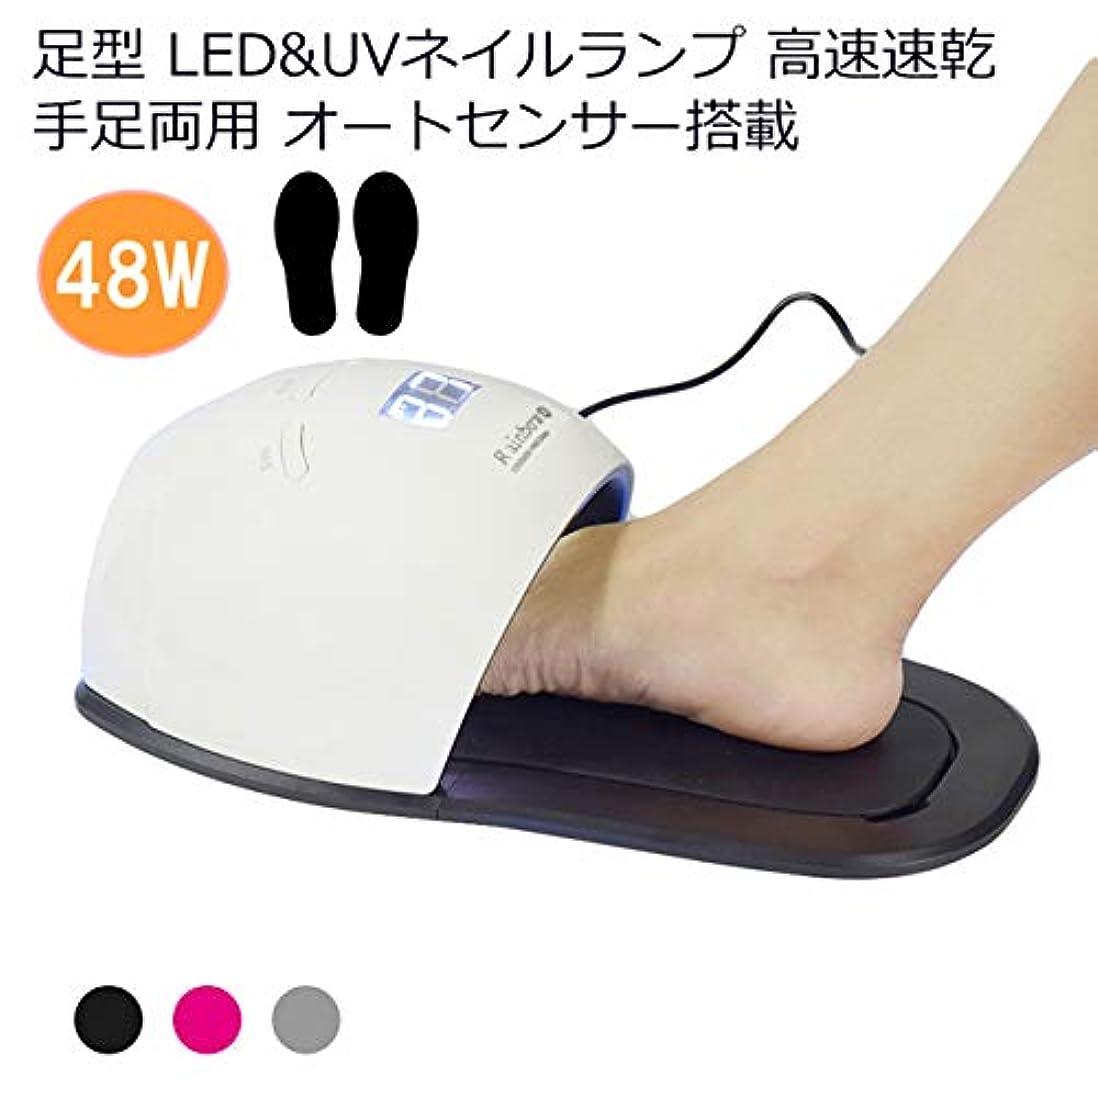 足型 LED&UVネイルランプ 48W ジェルネイルドライヤー 硬化用 レジン 手足両用 人感センサー 高速速乾 プレゼント (ブラック)